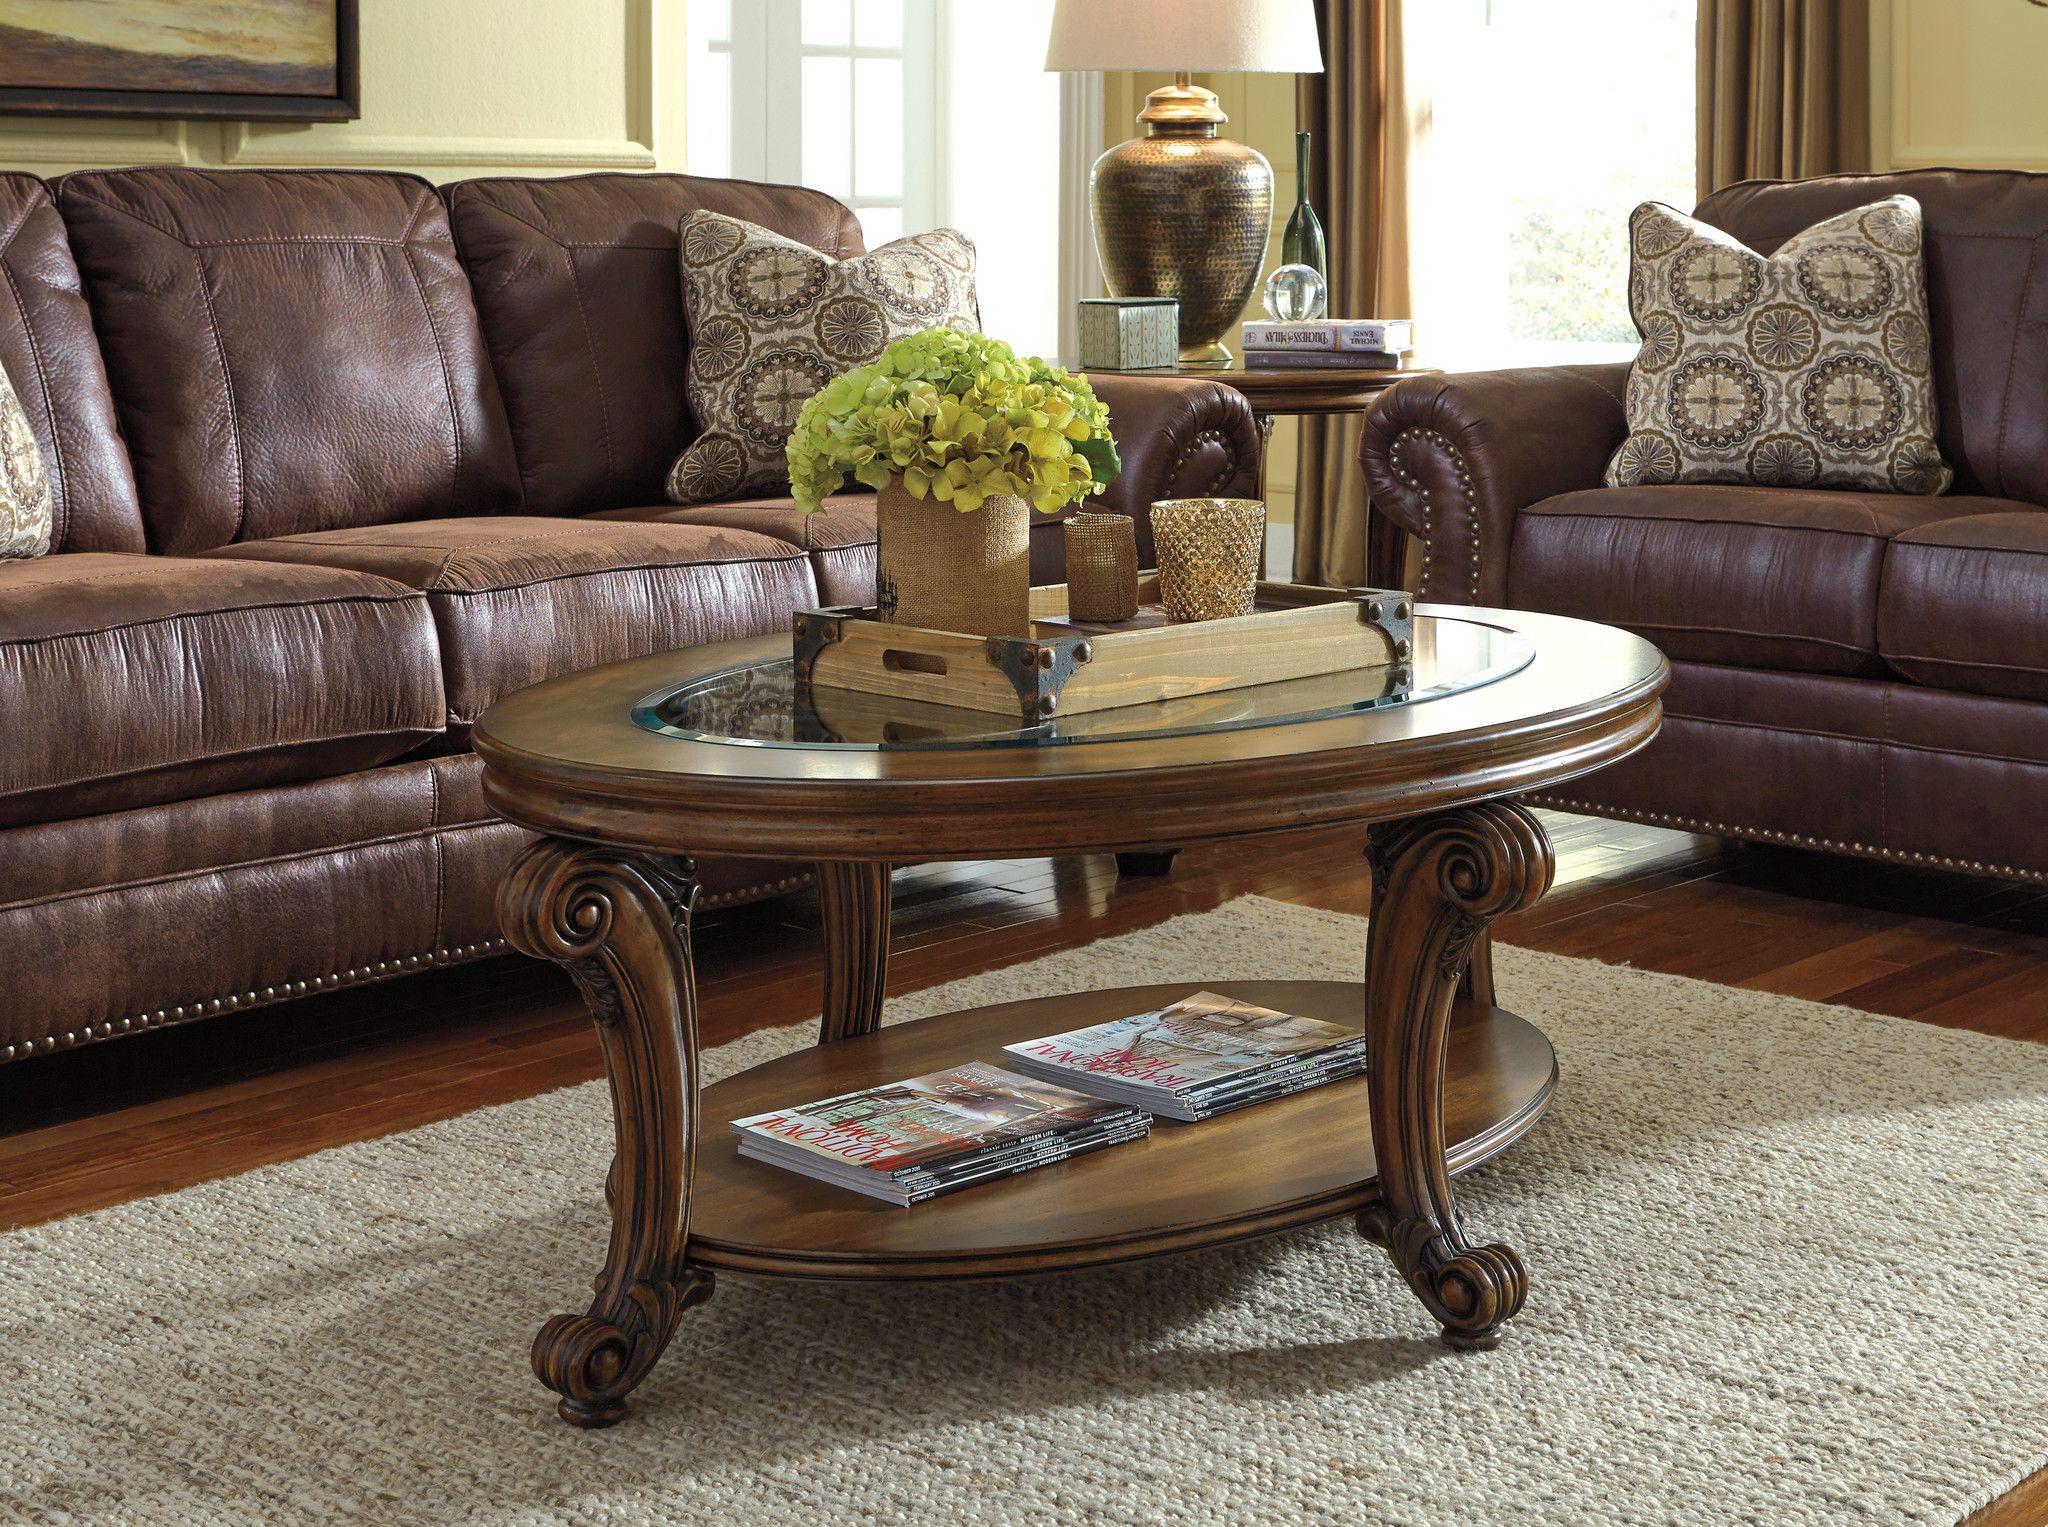 Home decor image by carole alcineus table decor living